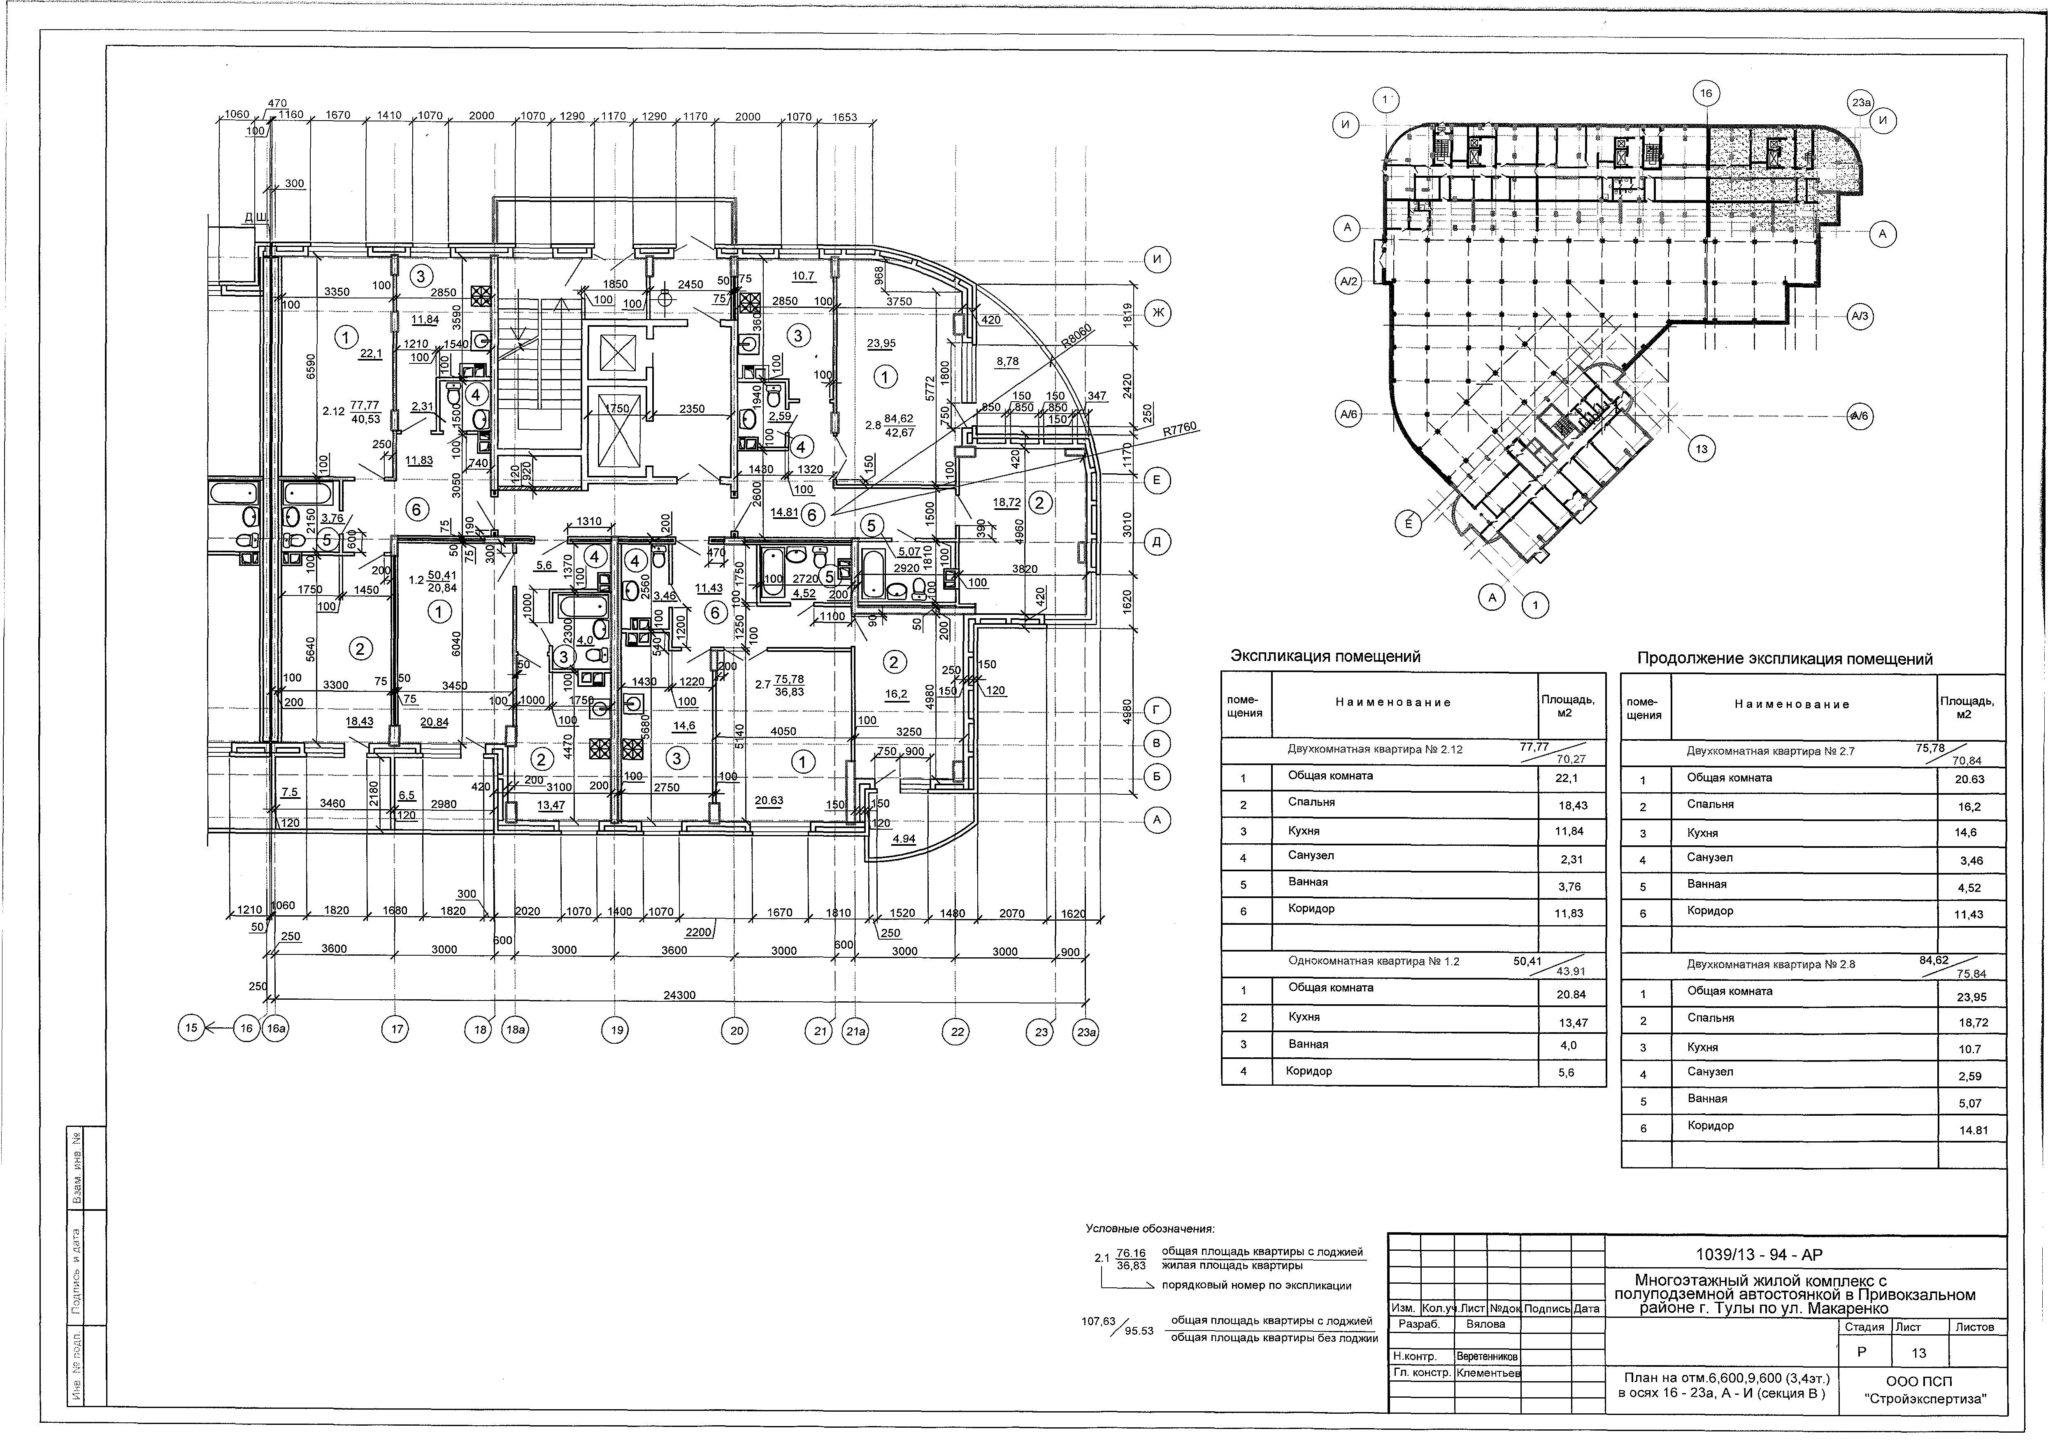 План 3,4 этажа секции В ЖК МАКАРЕНКО